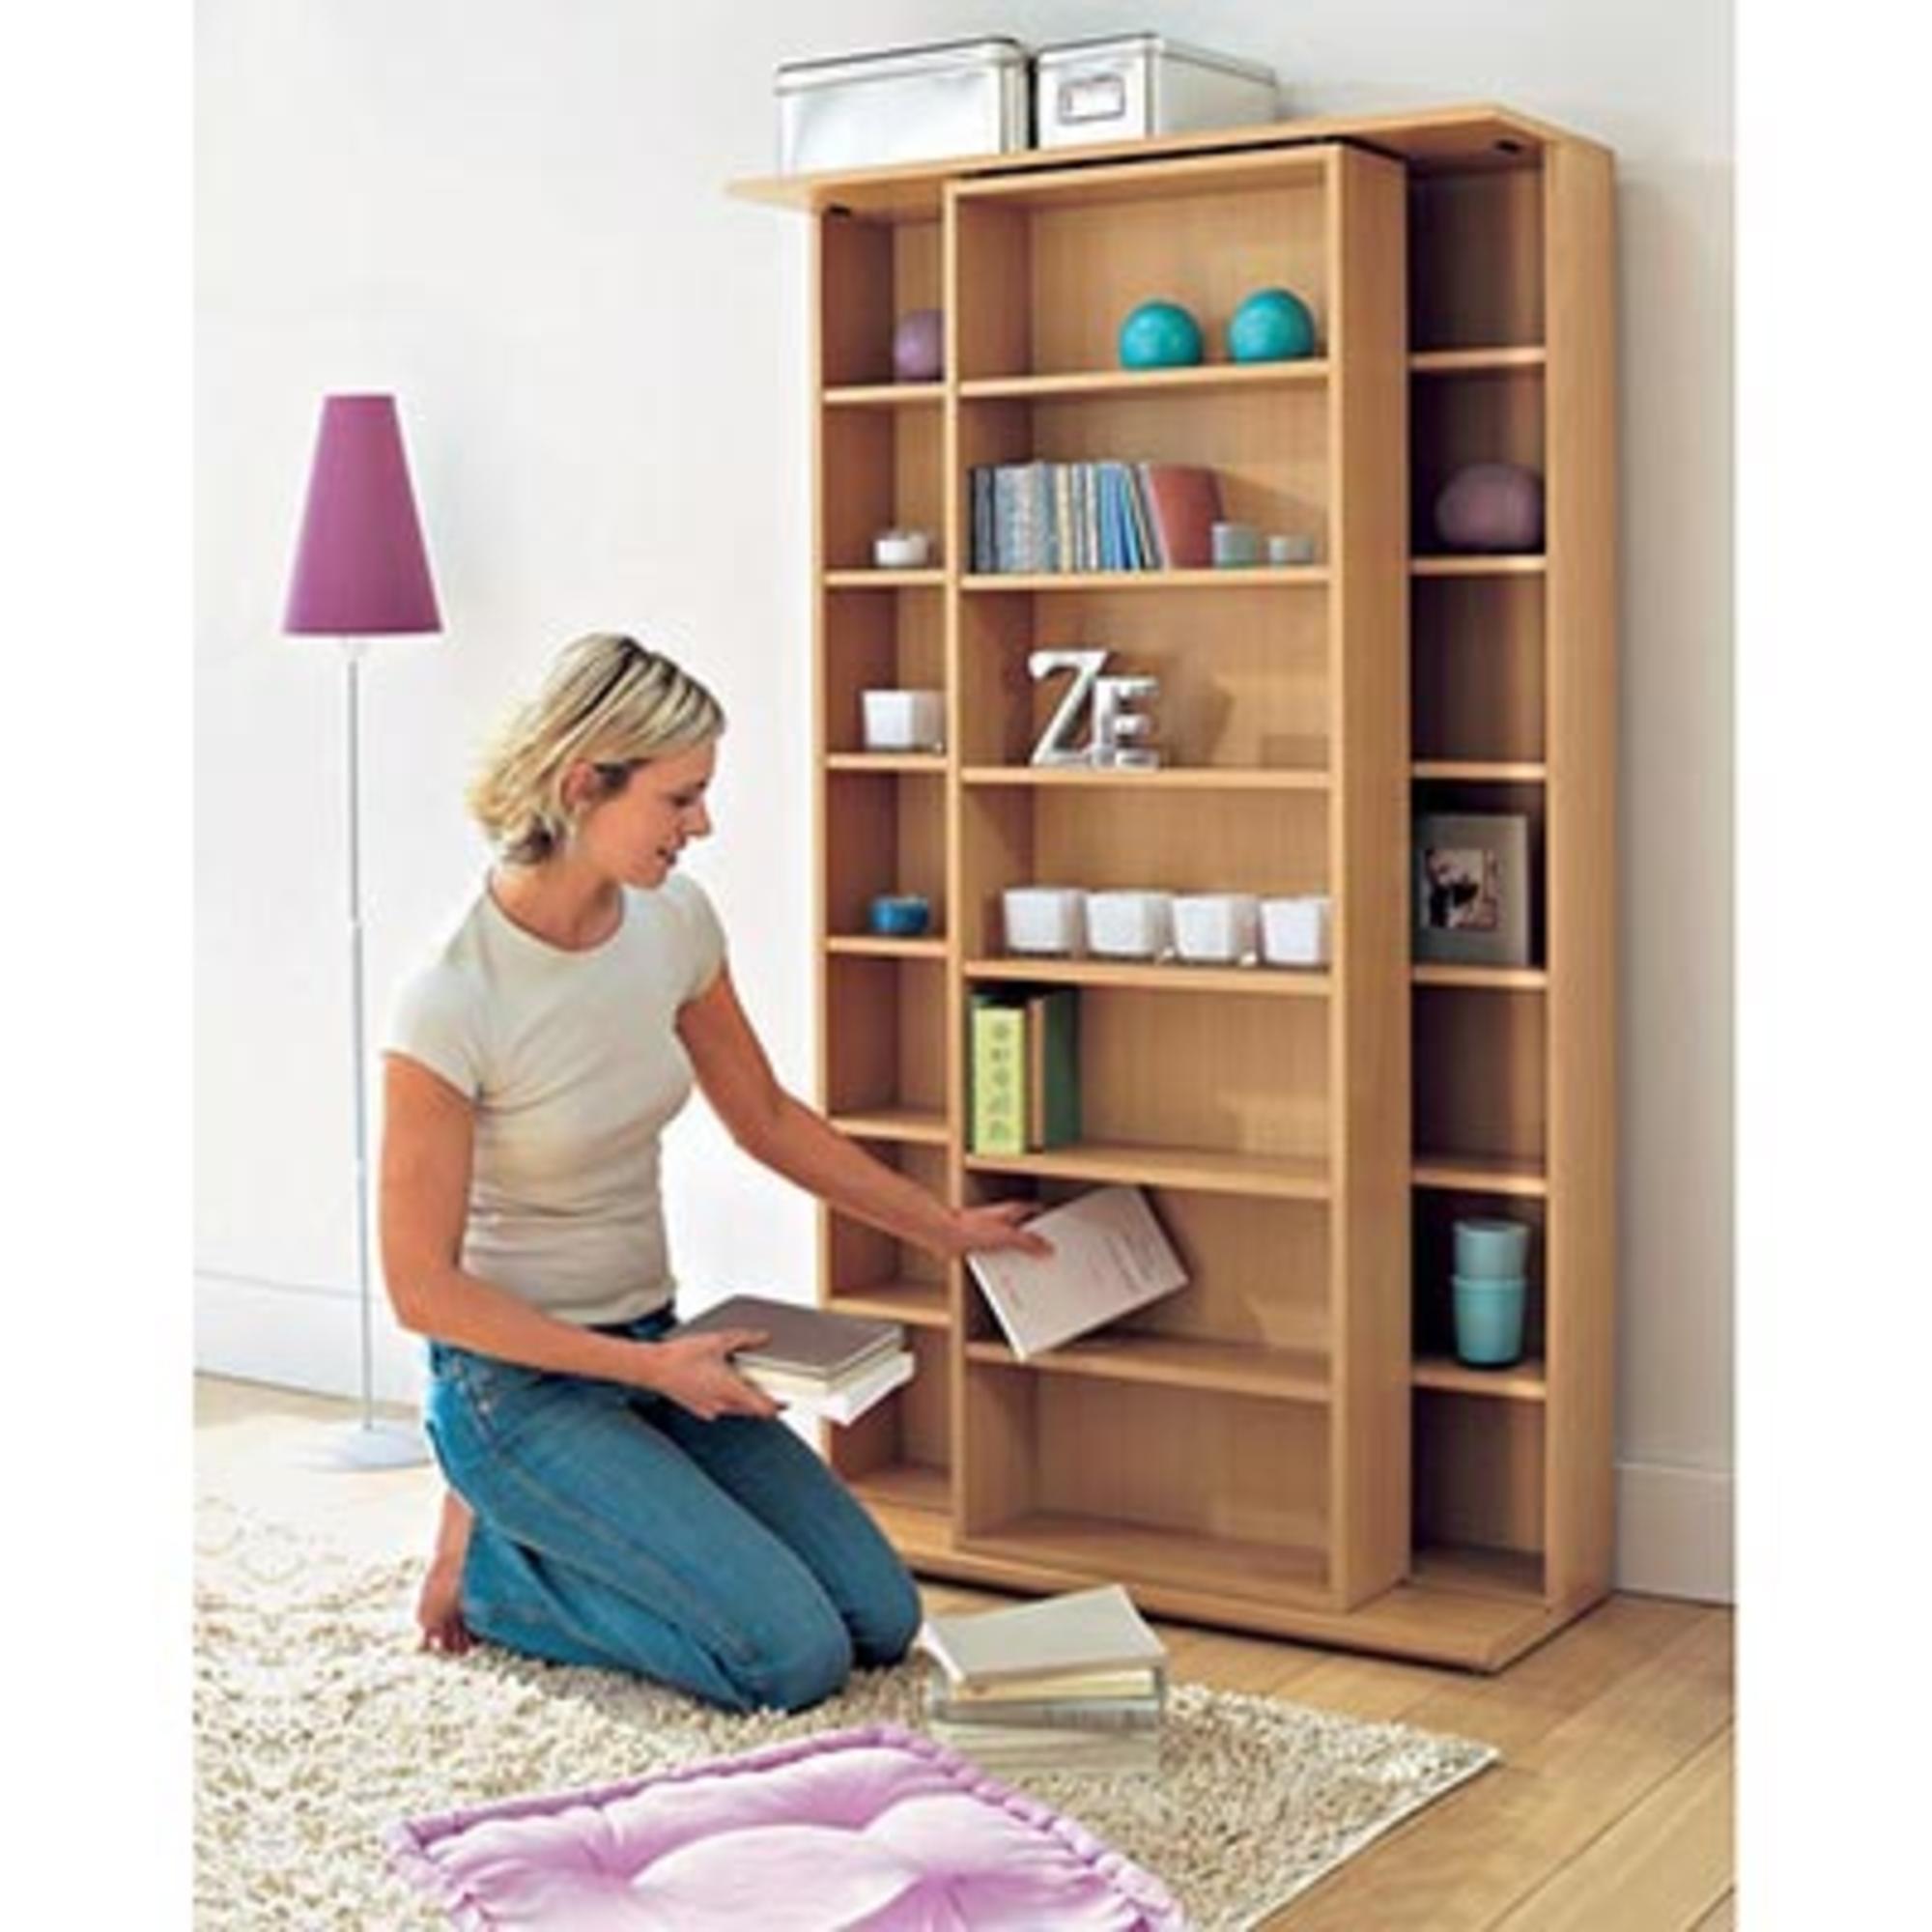 biblioth que coulissante slide h tre anniversaire 40 ans acheter ce produit au meilleur prix. Black Bedroom Furniture Sets. Home Design Ideas